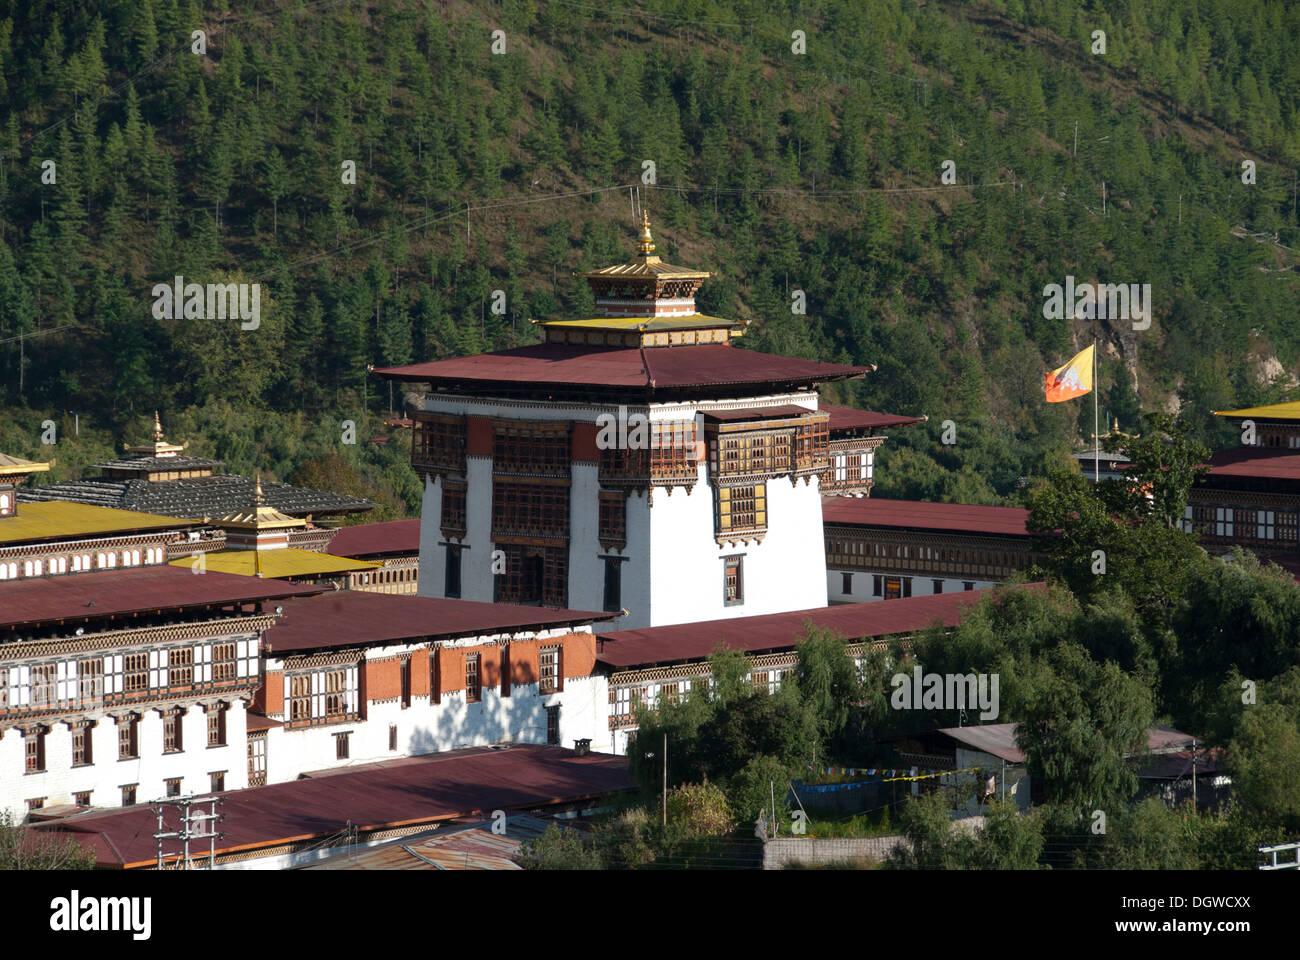 Bâtiment central de la forteresse Monastère de Trashi Chhoe Dzong, siège du gouvernement, Thimphu, capitale, Royaume du Bhoutan Photo Stock